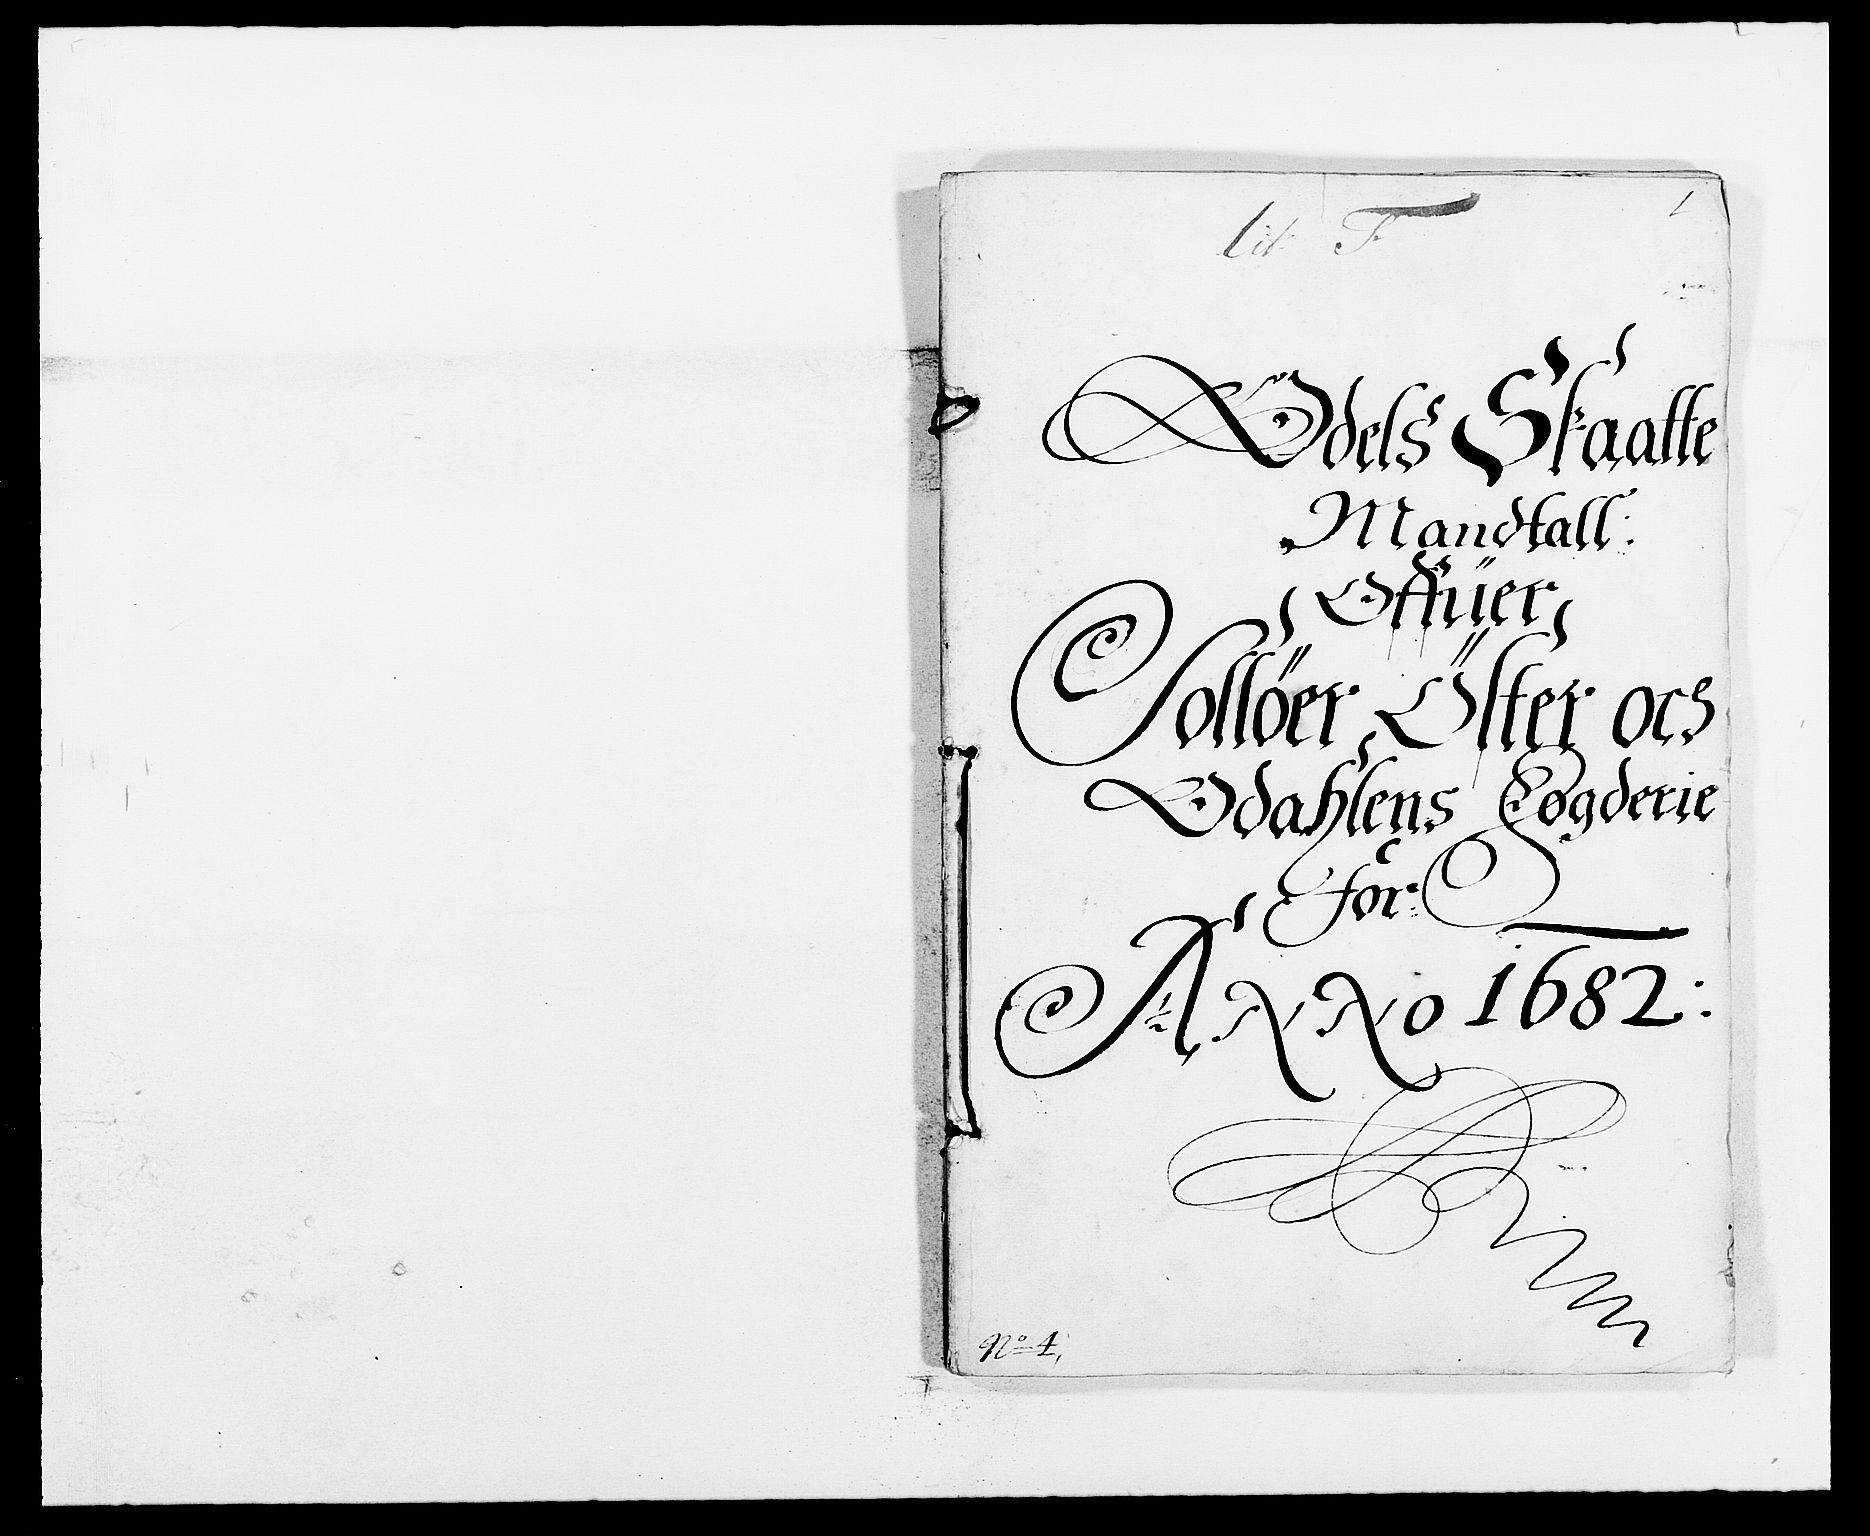 RA, Rentekammeret inntil 1814, Reviderte regnskaper, Fogderegnskap, R13/L0819: Fogderegnskap Solør, Odal og Østerdal, 1682, s. 273